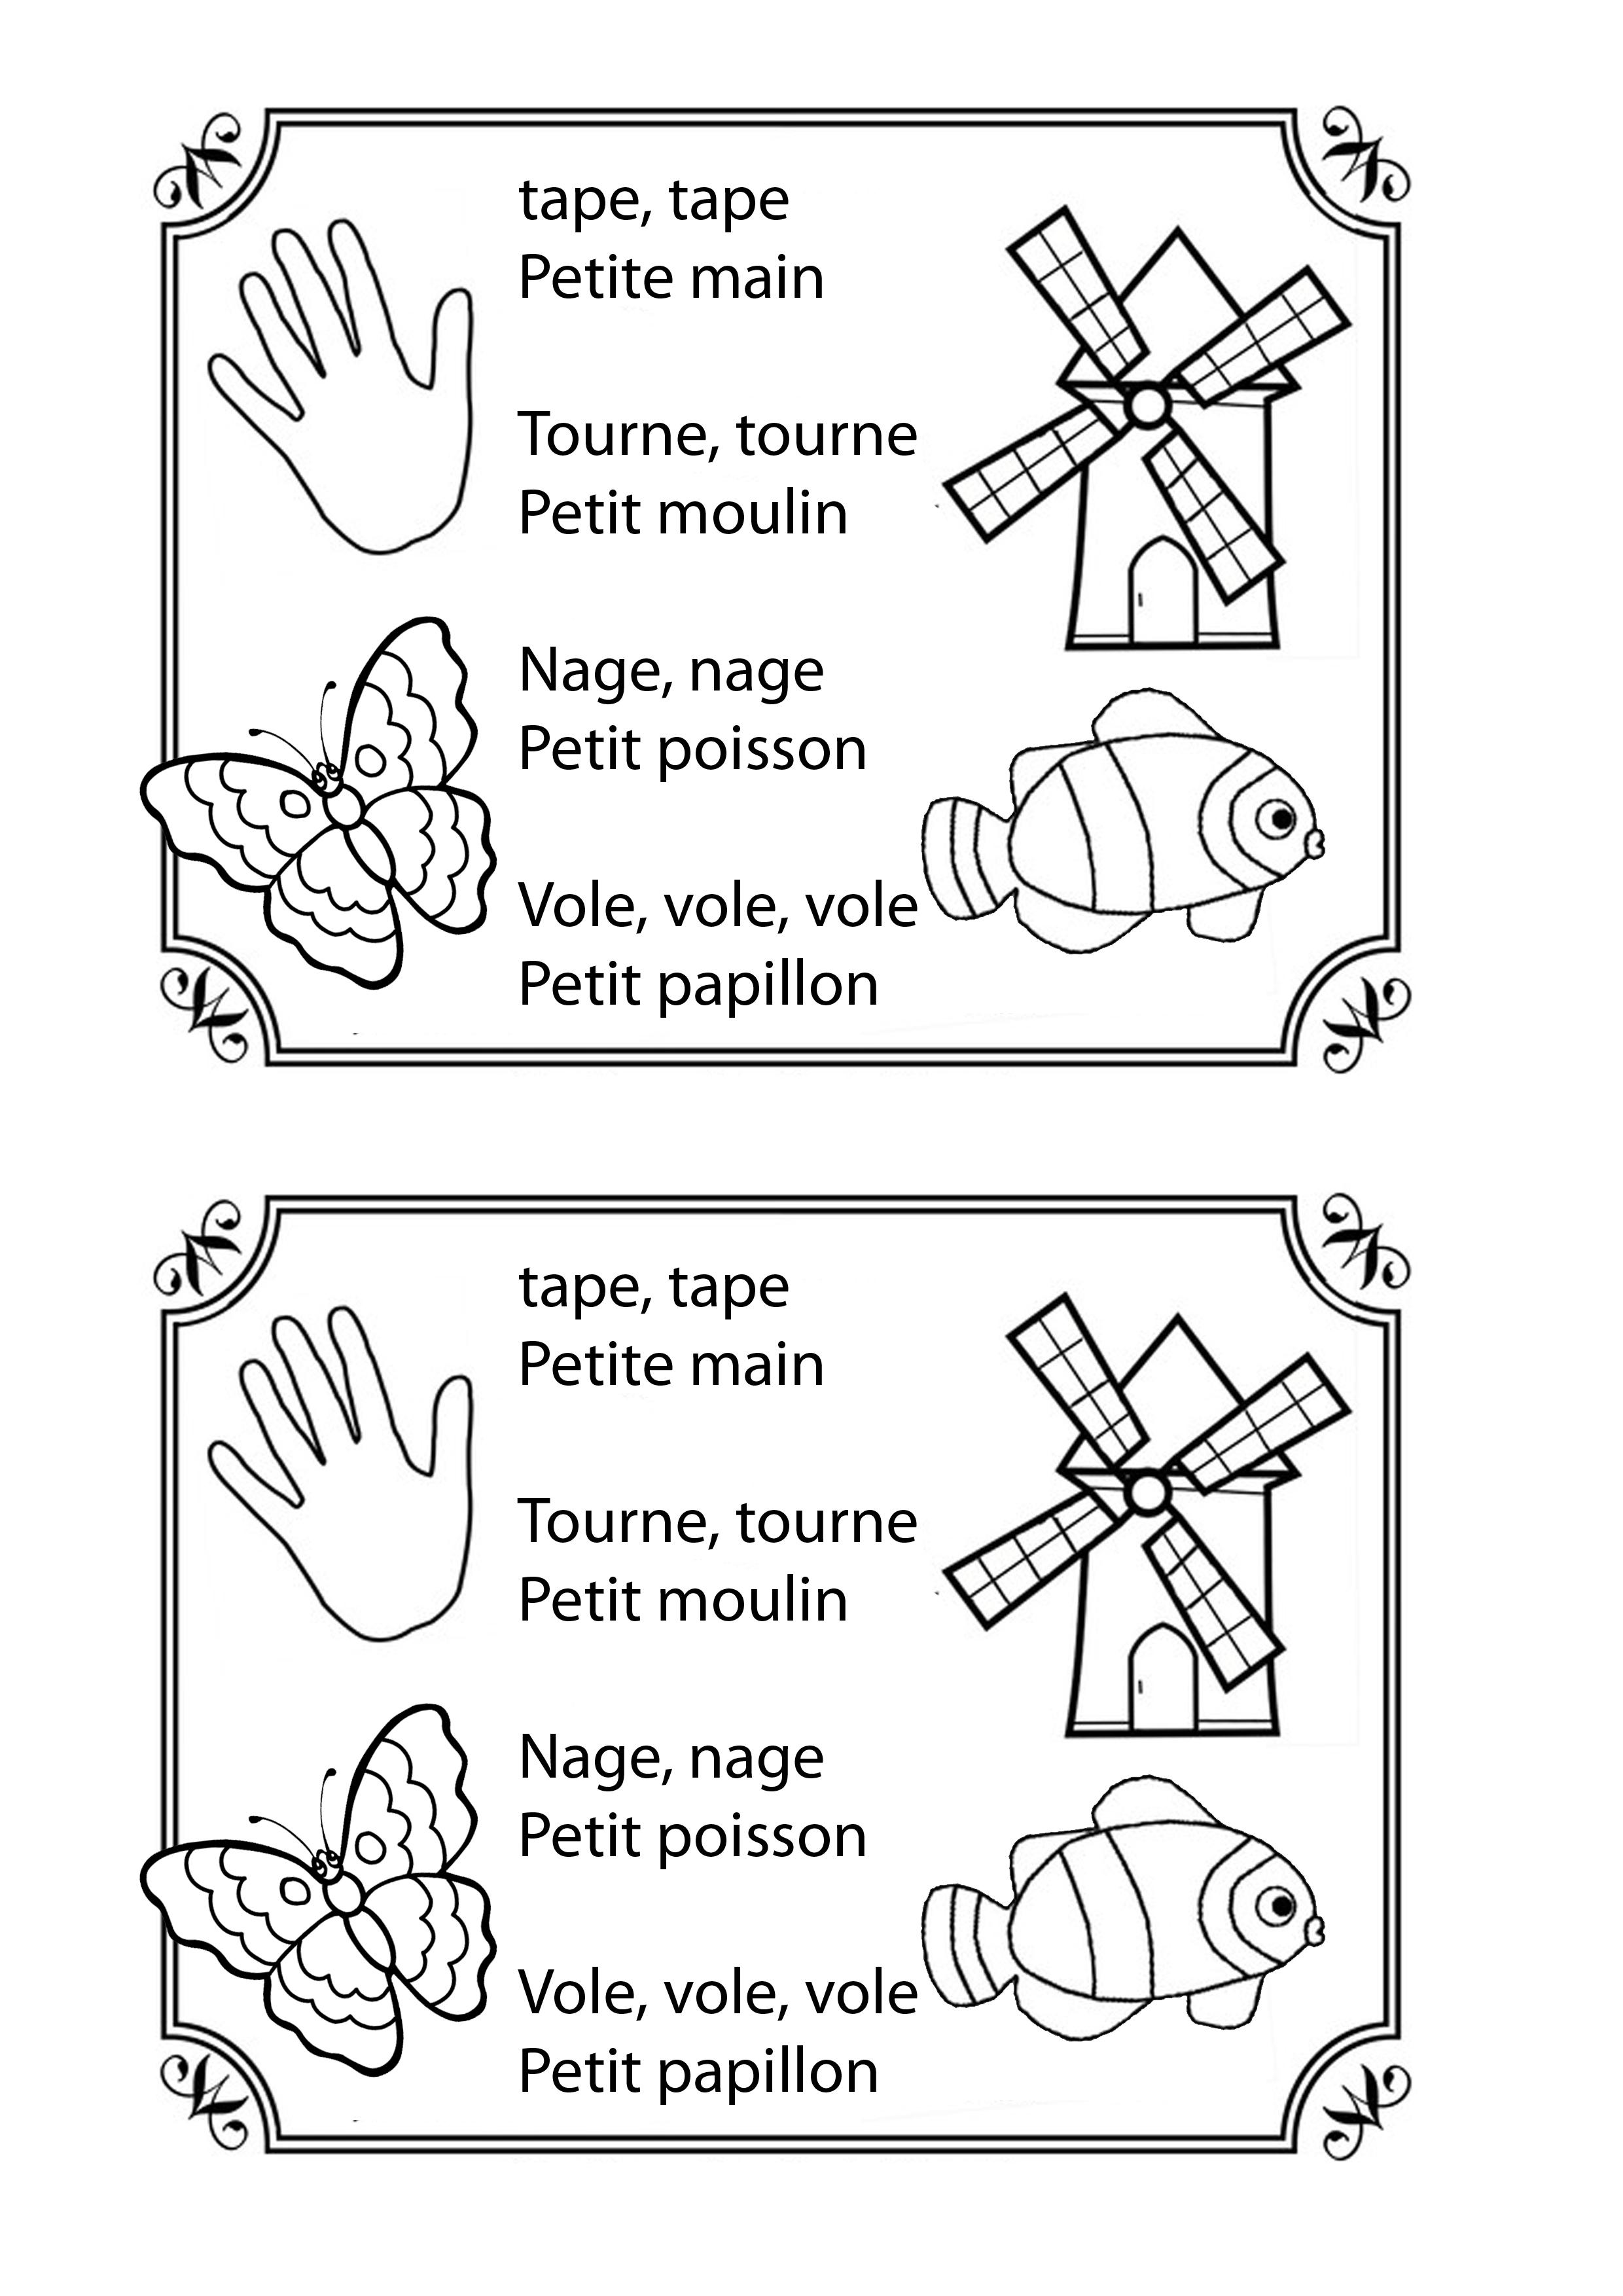 La Présentation – La Ptite Ecole Du Fle tout Petit Moulin Chanson